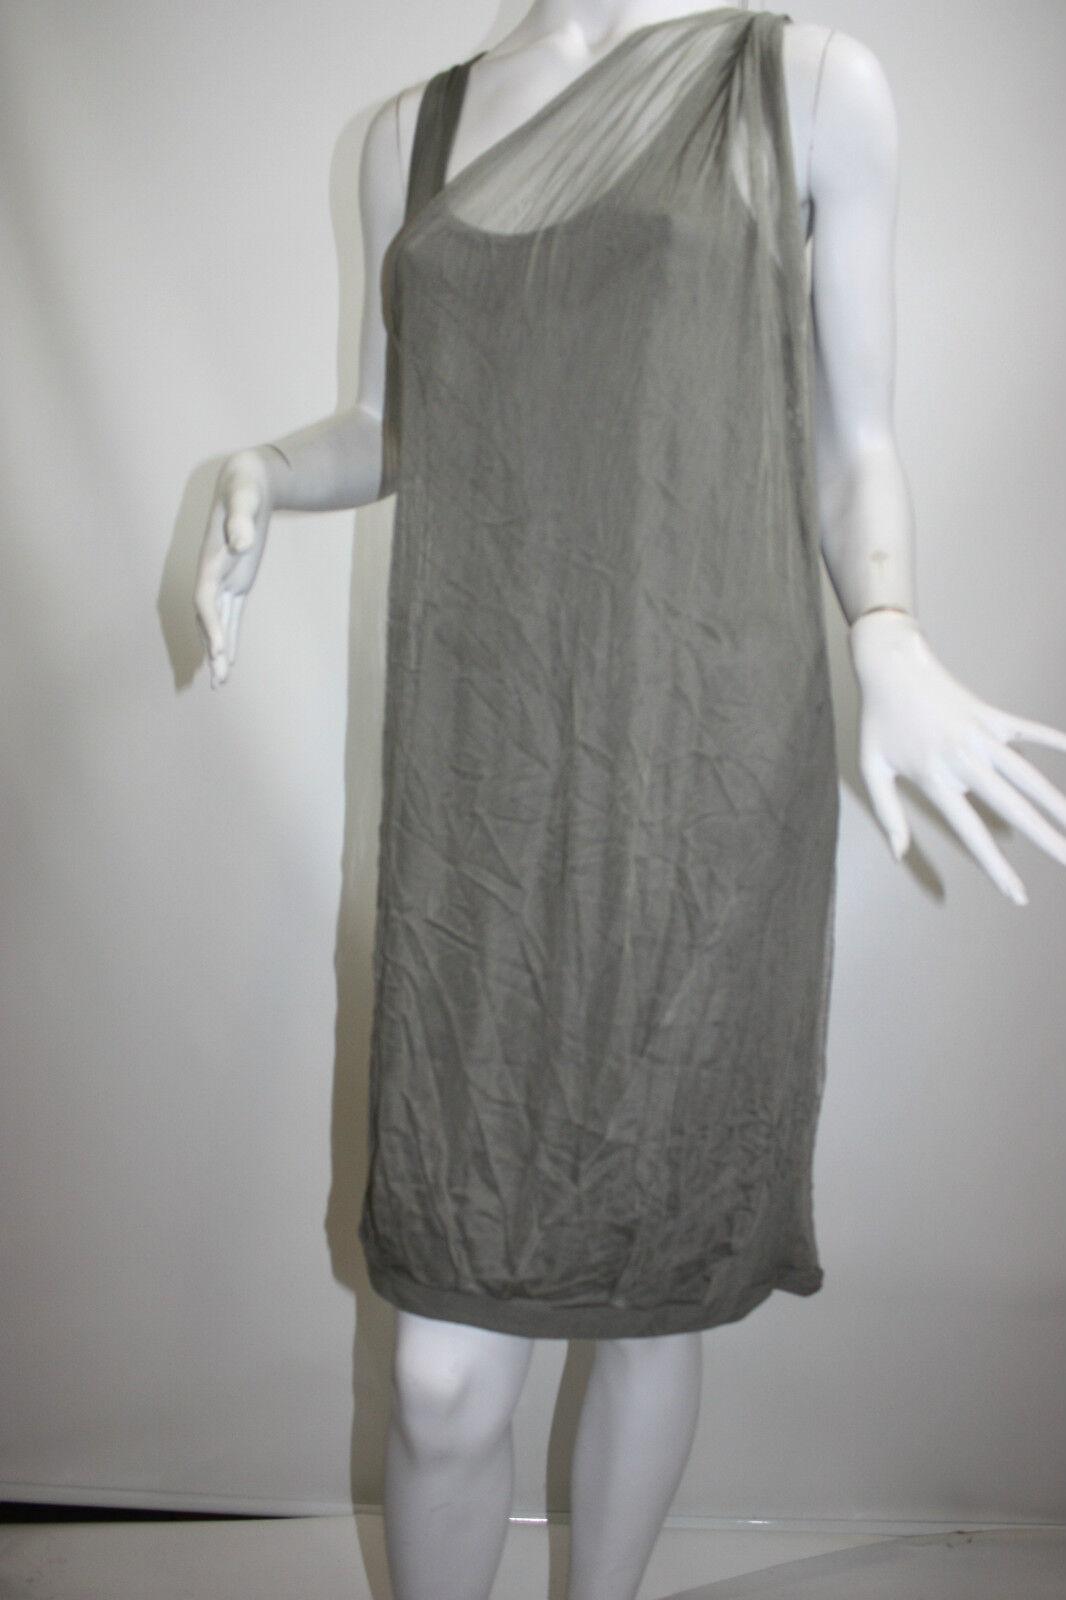 ausgef. Kleid grün    ️Strenesse Blau   ️  STRENESSE Blau Gr. 40